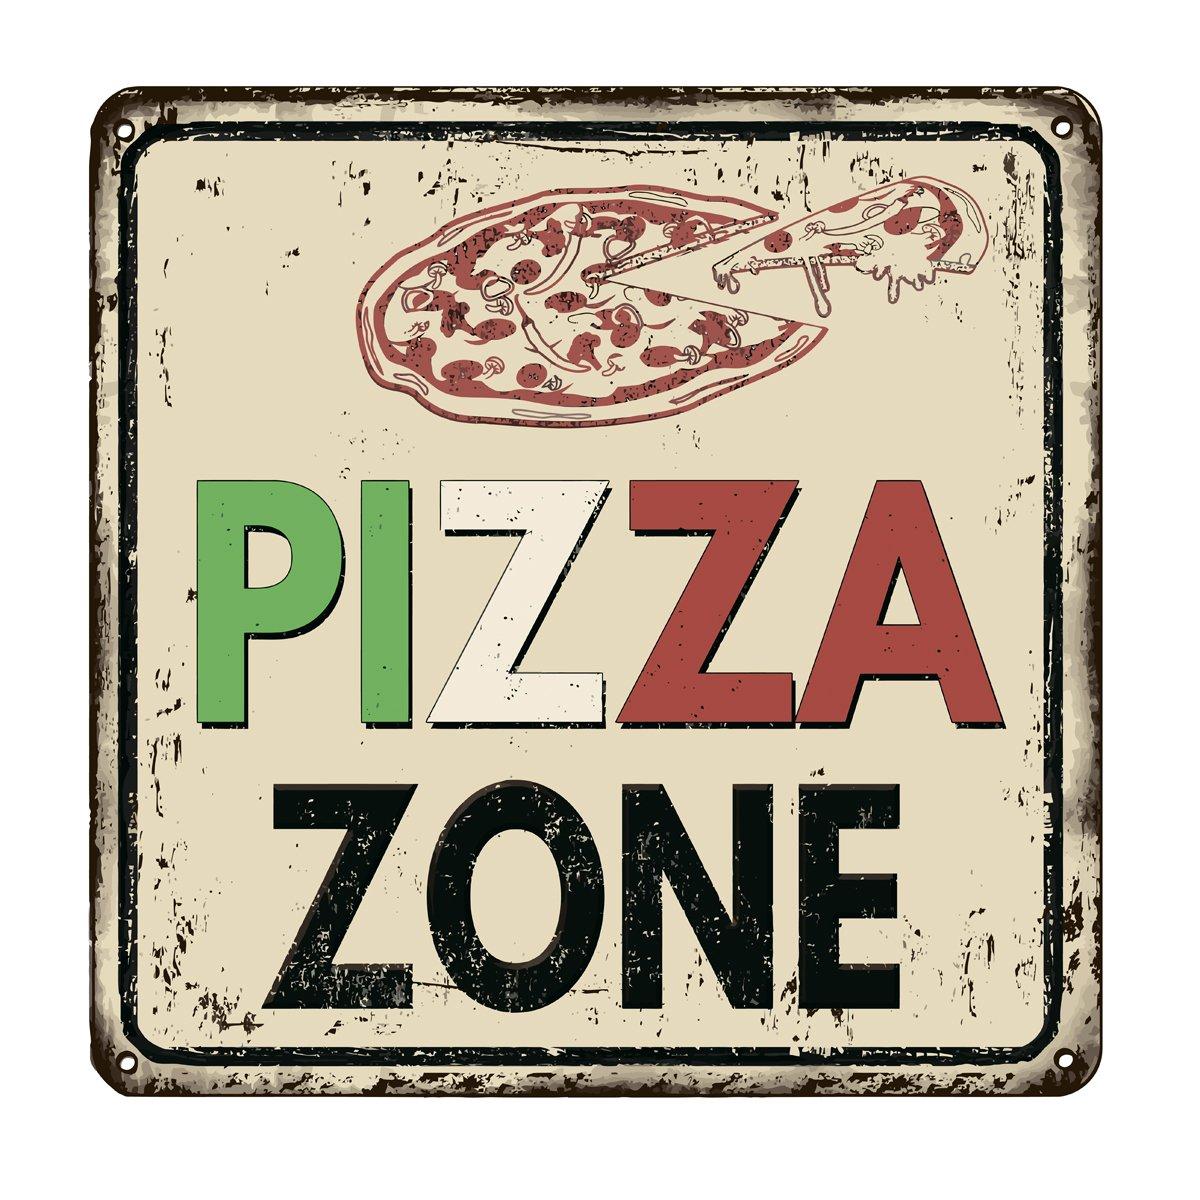 Постер-картина Смешные таблички Зоны пиццу старинный ржавый металлический знакСмешные таблички<br>Постер на холсте или бумаге. Любого нужного вам размера. В раме или без. Подвес в комплекте. Трехслойная надежная упаковка. Доставим в любую точку России. Вам осталось только повесить картину на стену!<br>